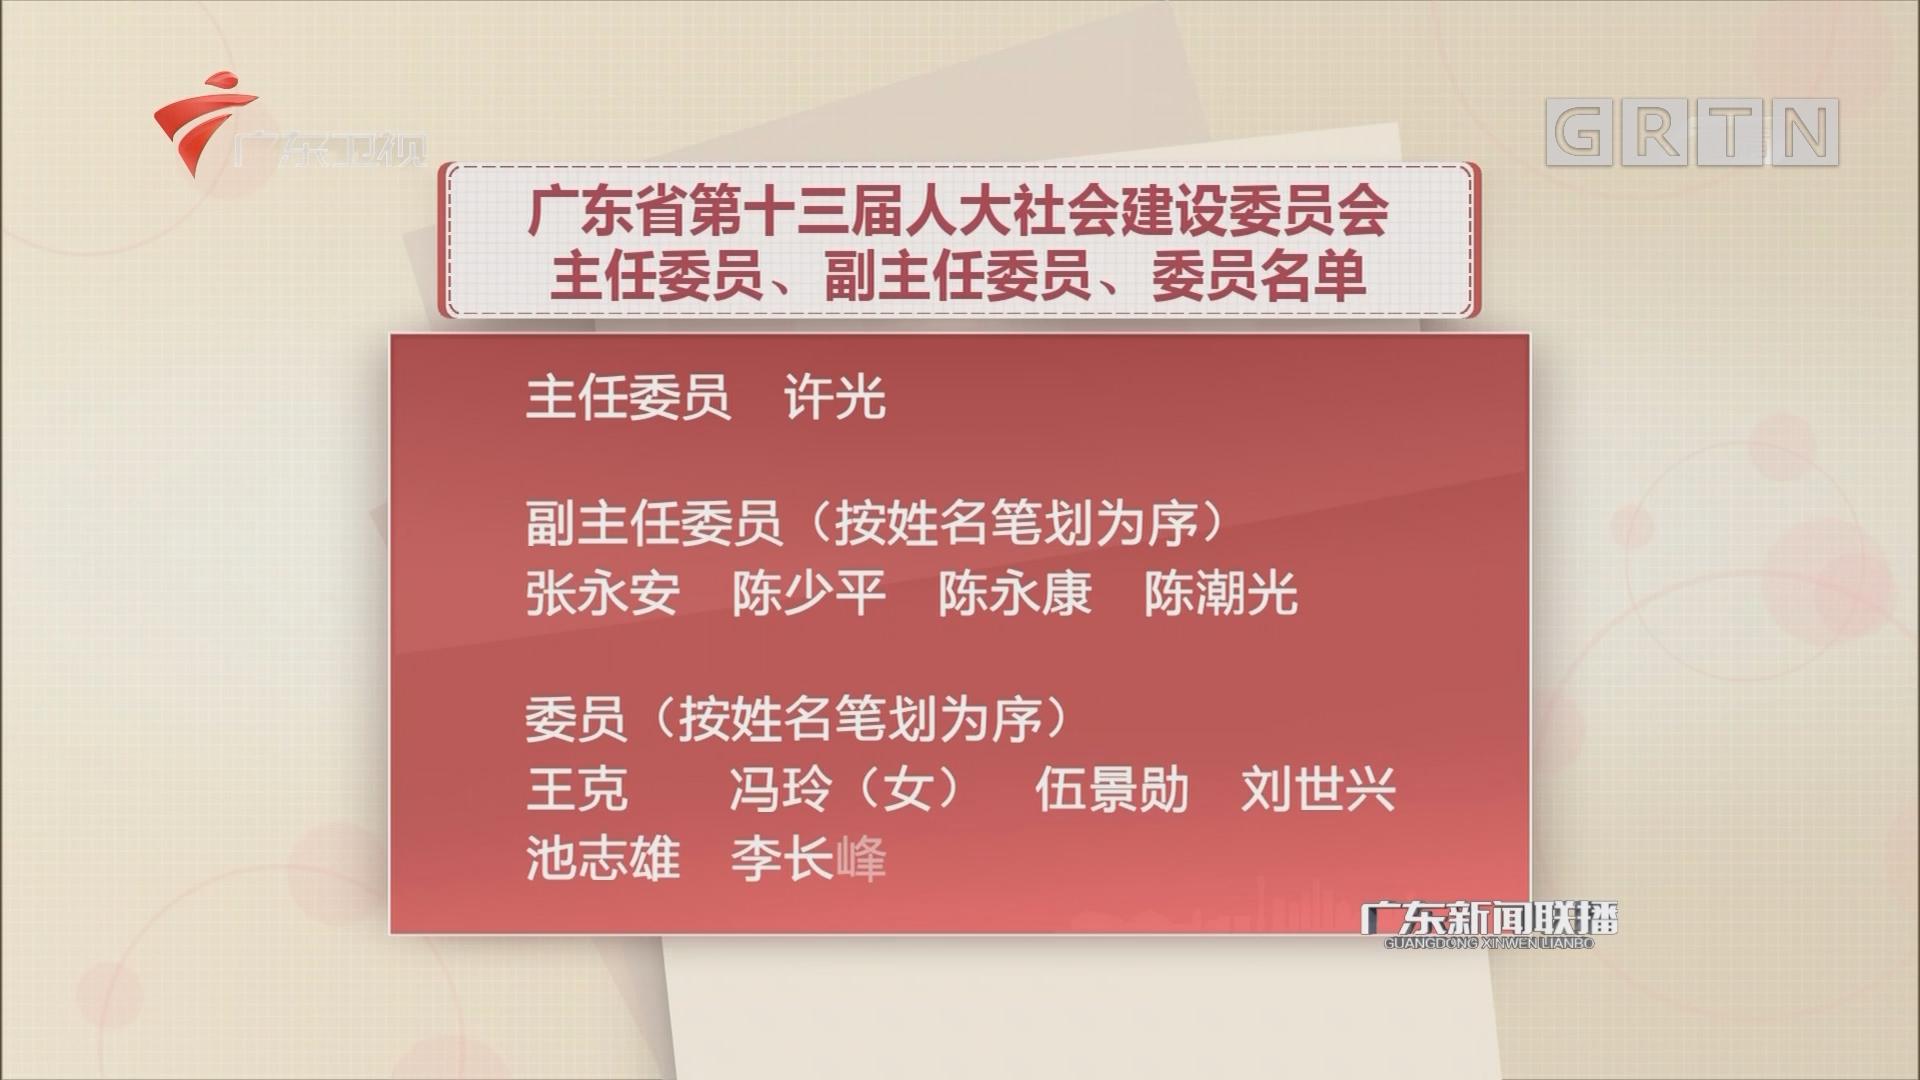 manbetx手机版 - 登陆省第十三届人大社会建设委员会主任委员、副主任委员、委员名单